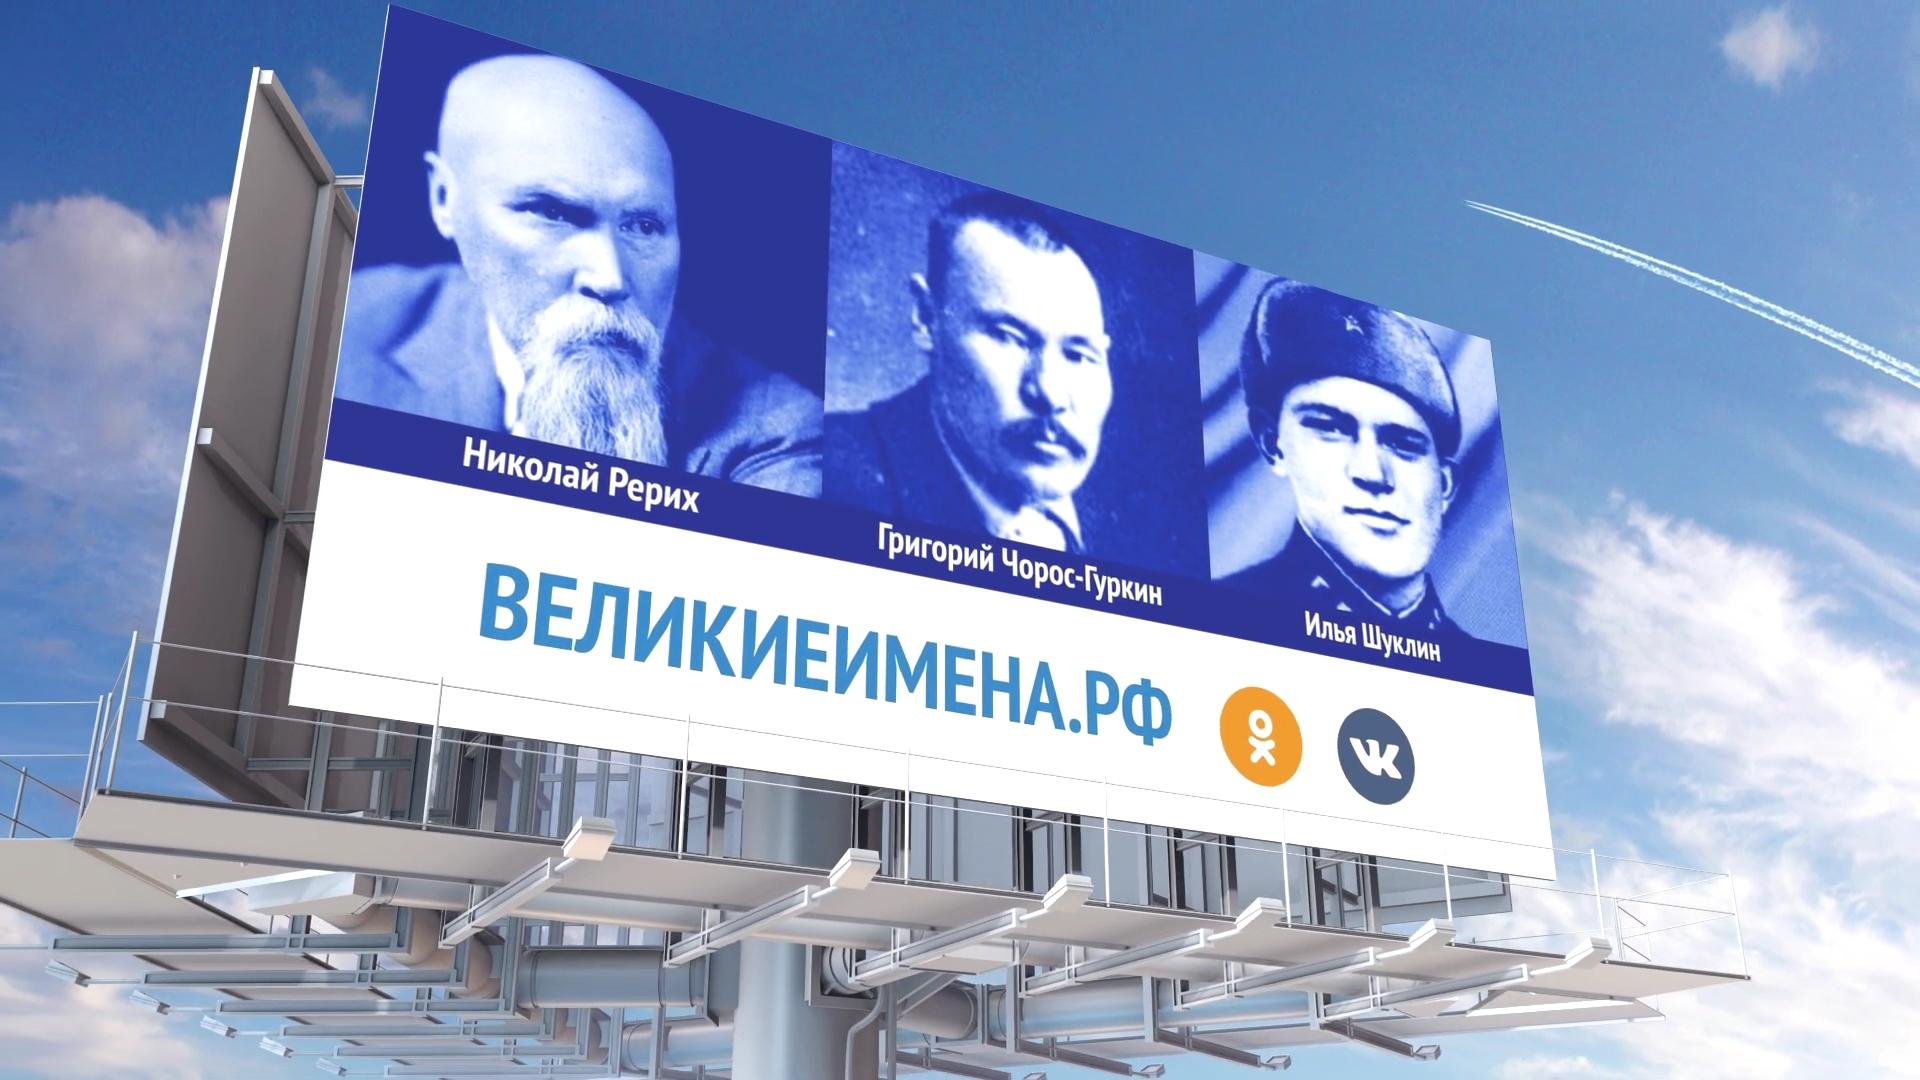 20181121-Общенациональный конкурс «Великие имена России». Аэропорт «Горно-Алтайск»